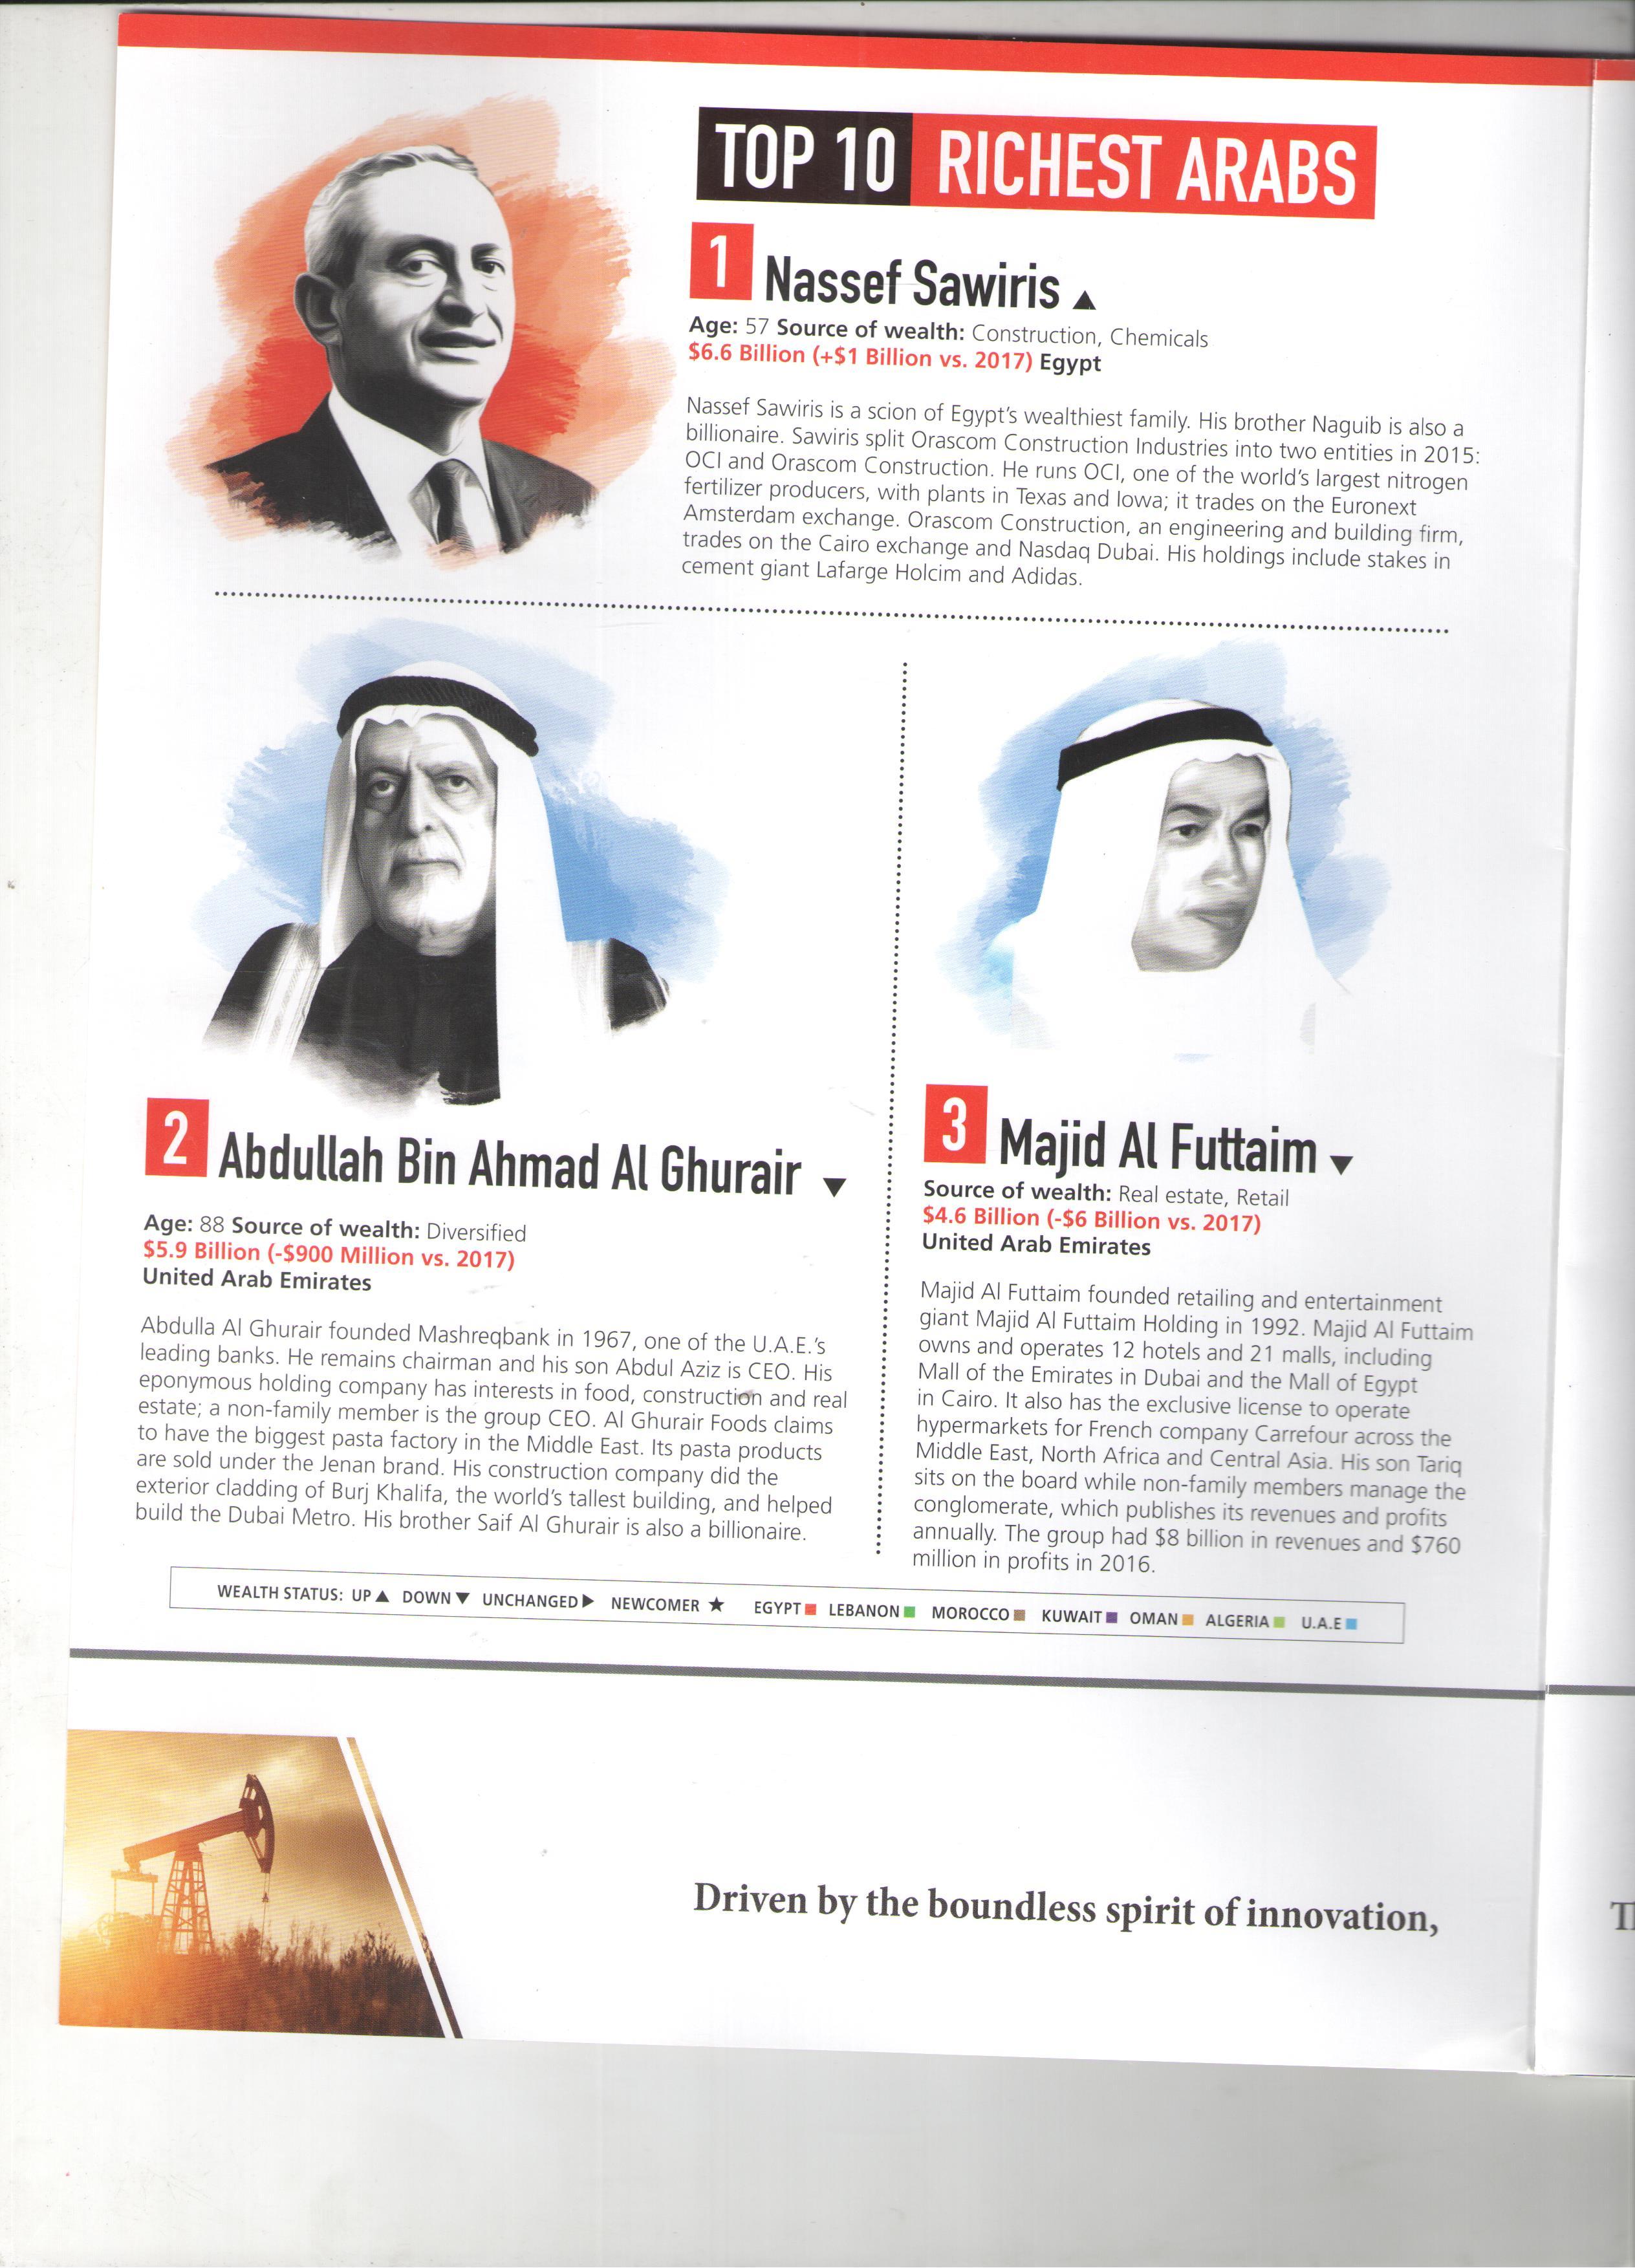 ناصف ساويرس يتصدر قائمة فوربس لأثرياء العرب 2018 بـ6.6 مليار دولار